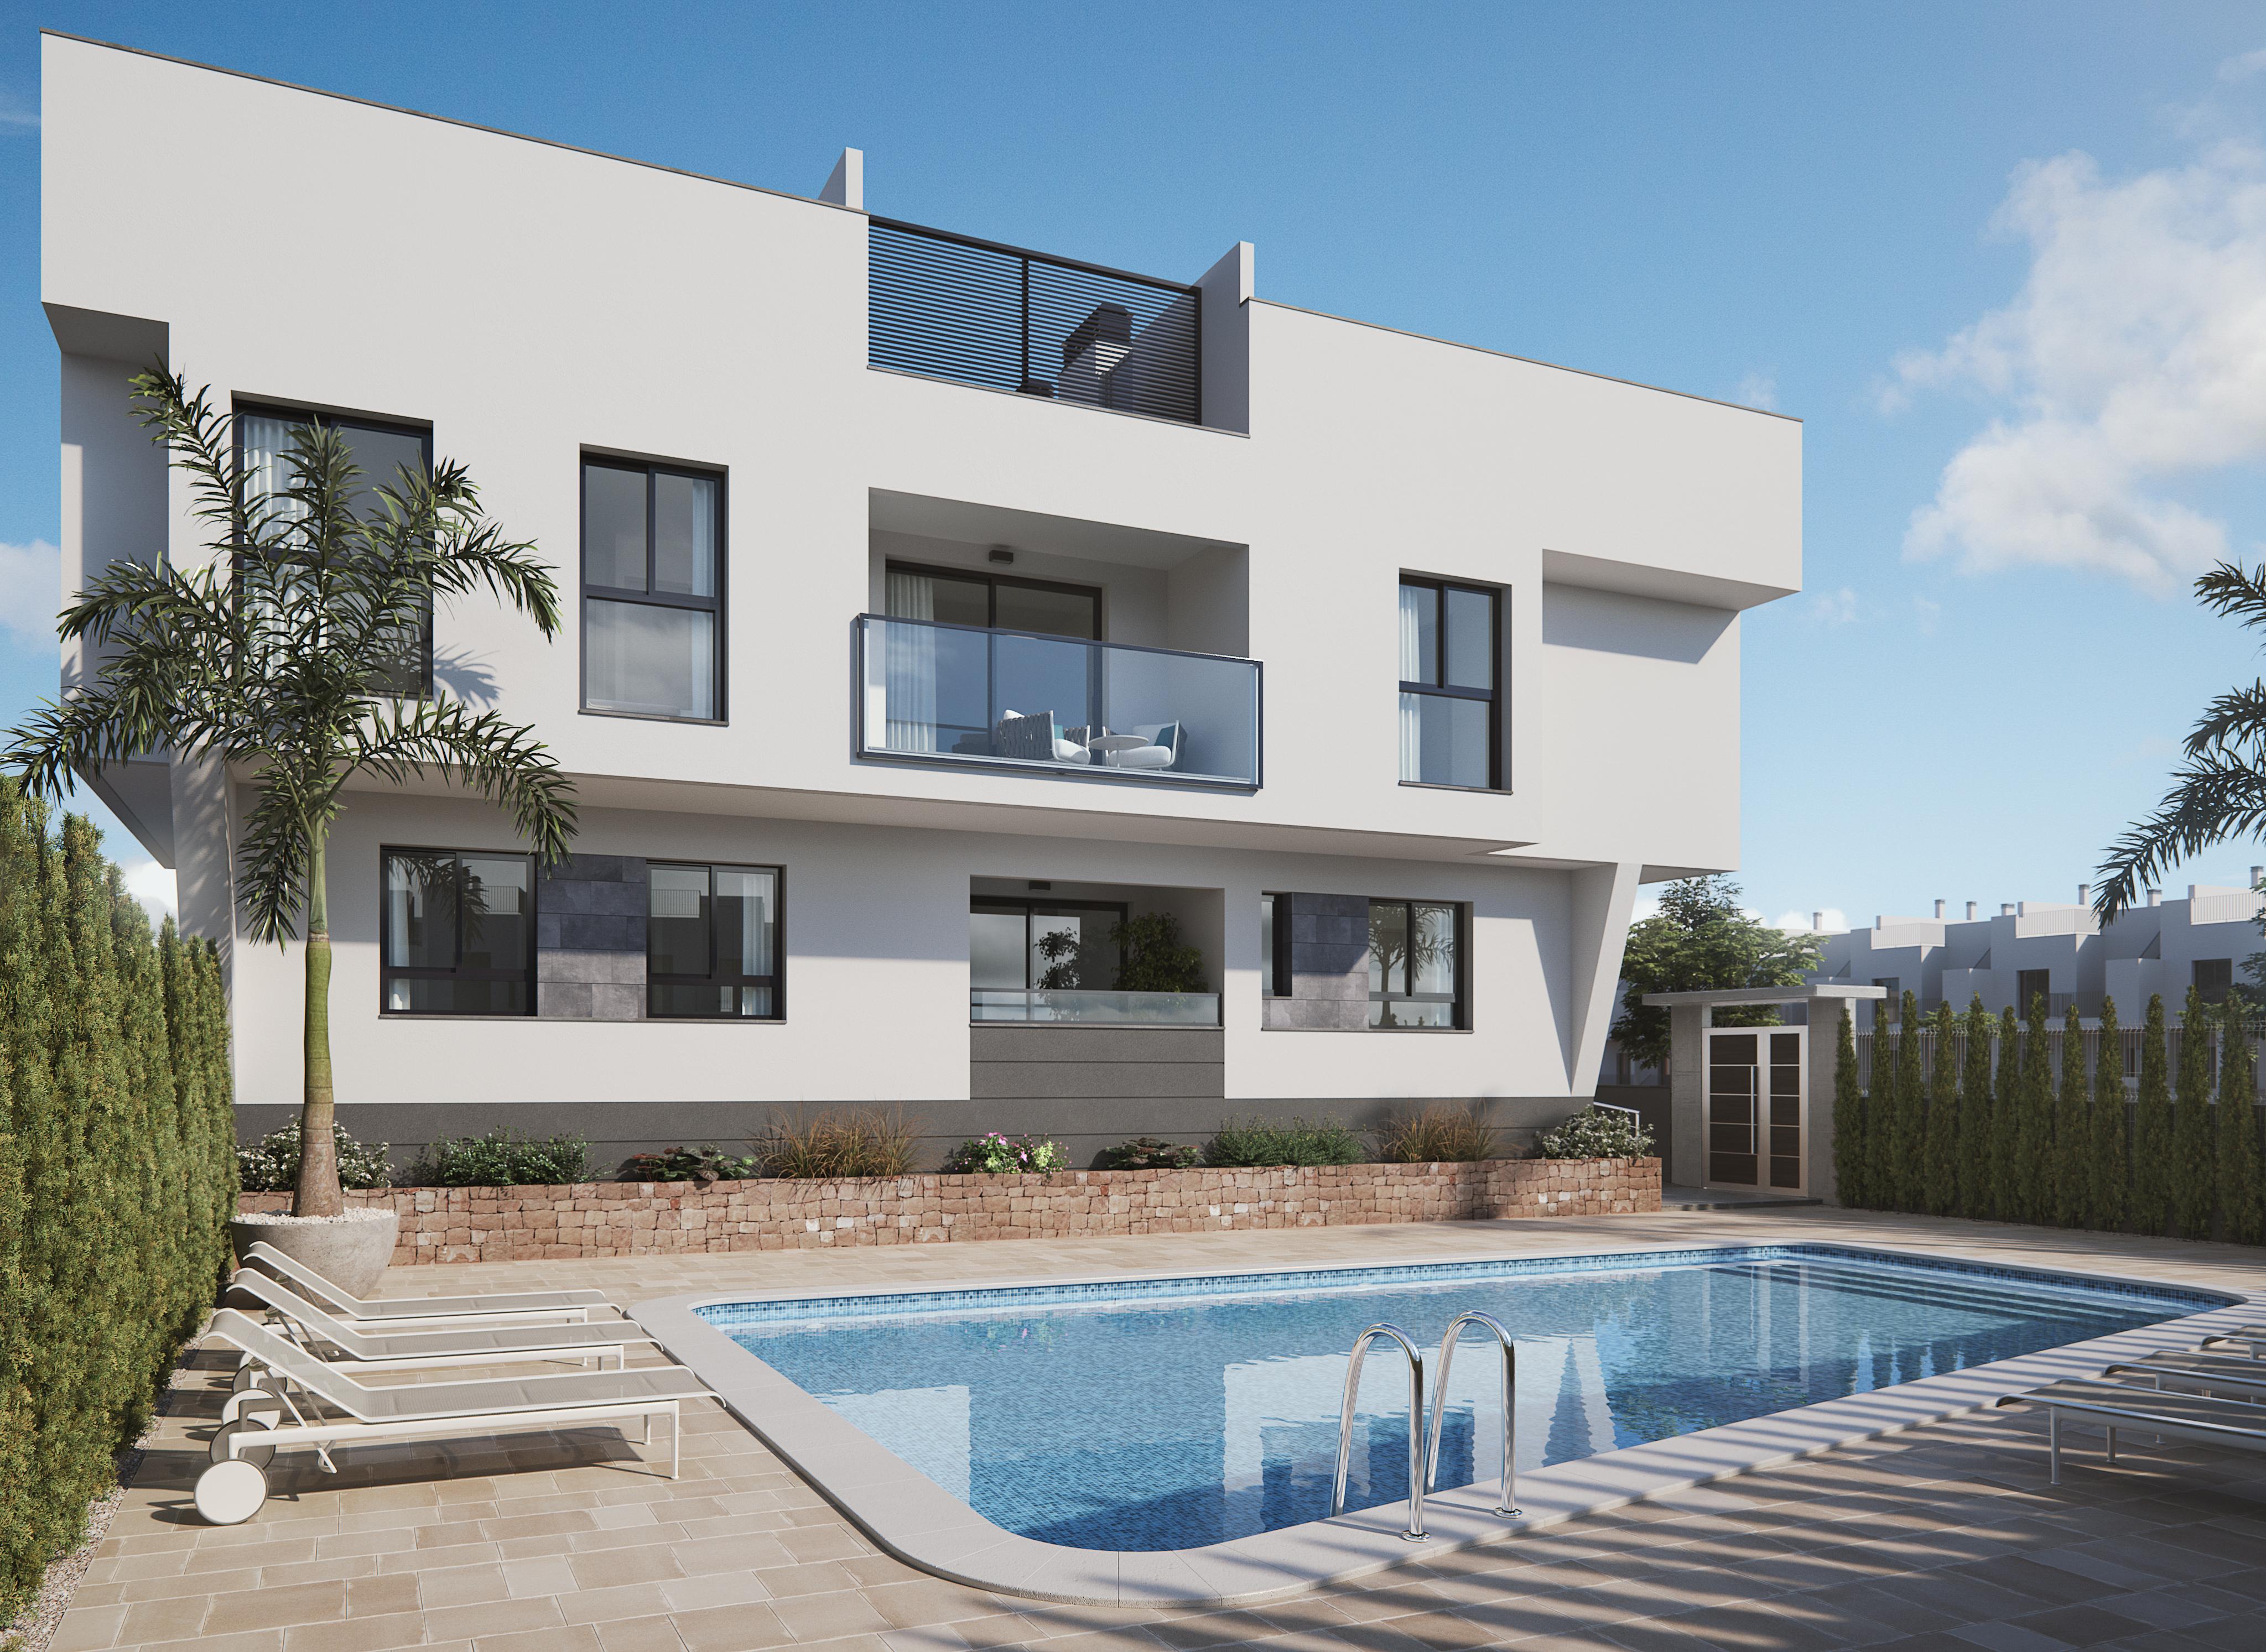 3 bedroom Apartment for sale in Los Alcazares, Murcia